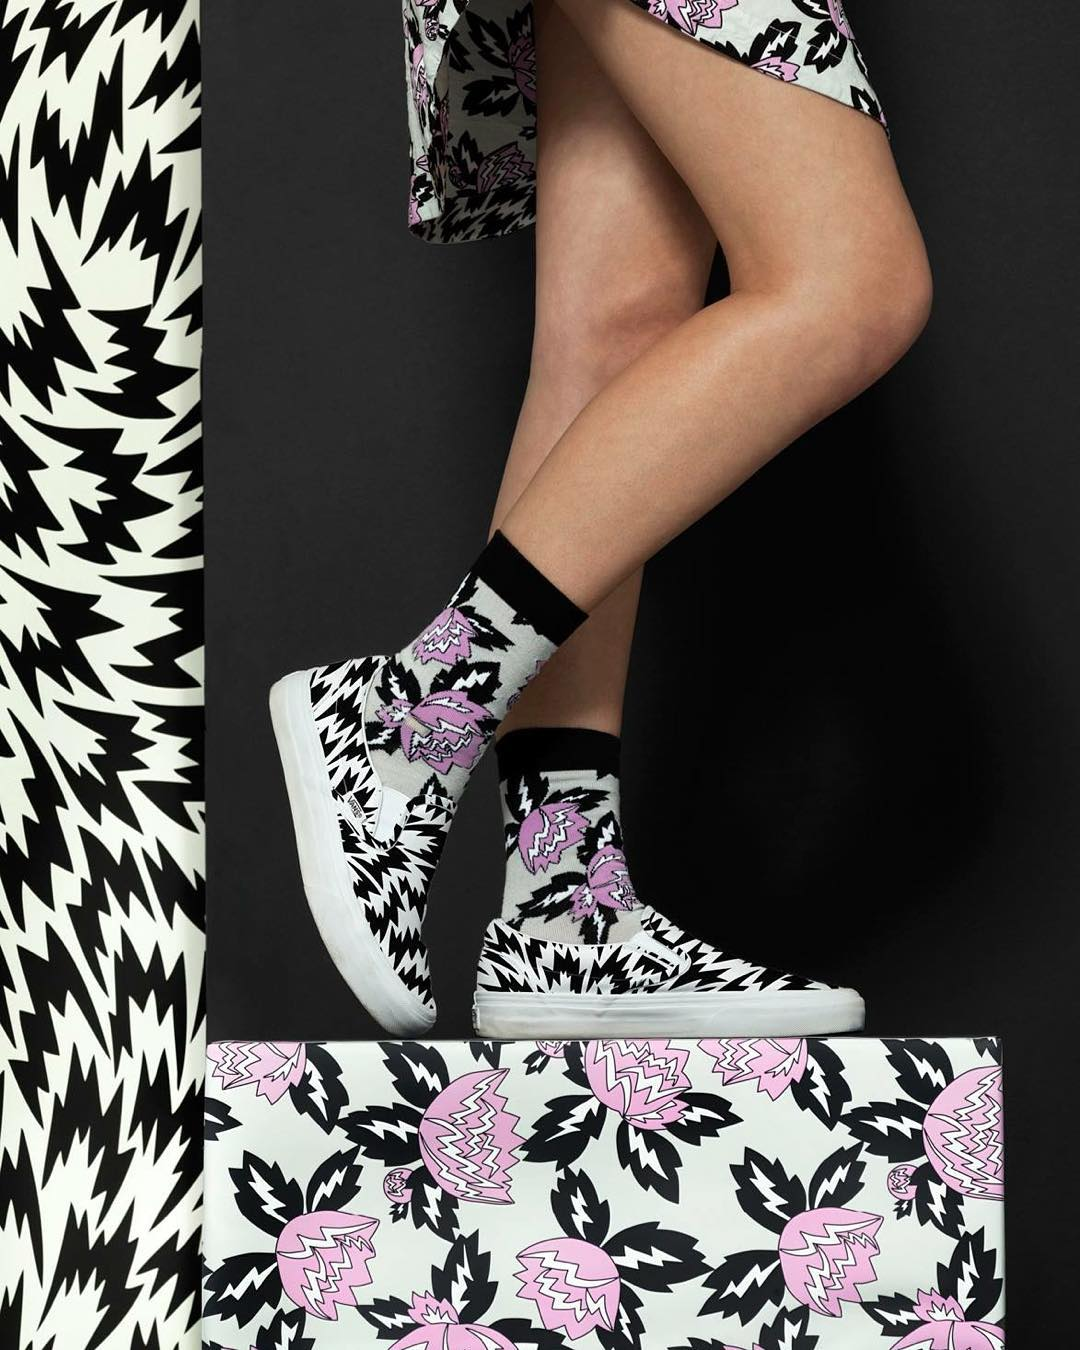 Eley Kishimoto es una casa de fashion y diseño fundada en 1992 por Mark Eley y Wakako Kishimoto (marido y mujer) ⚡️ Este año unieron fuerzas con @vans y lanzaron una colección de zapatillas con estampas únicas y de edición limitada. Se consiguen en...